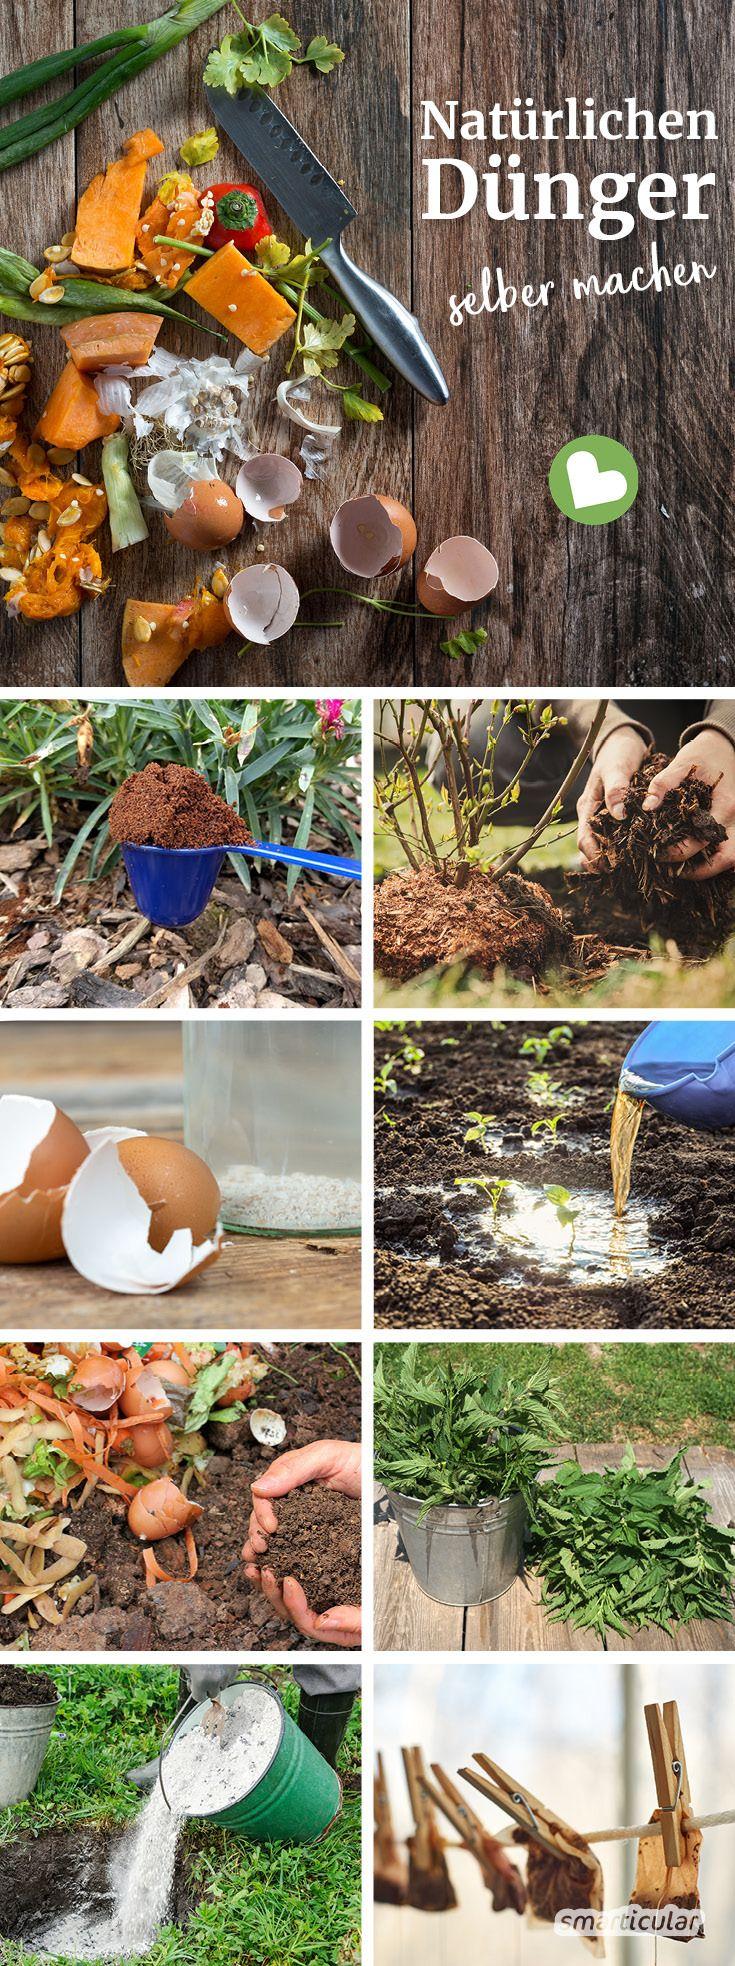 Organischer Dünger kann leicht selbst hergestellt werden: Küchenabfälle können …  – Selber machen statt kaufen – Garten und Balkon